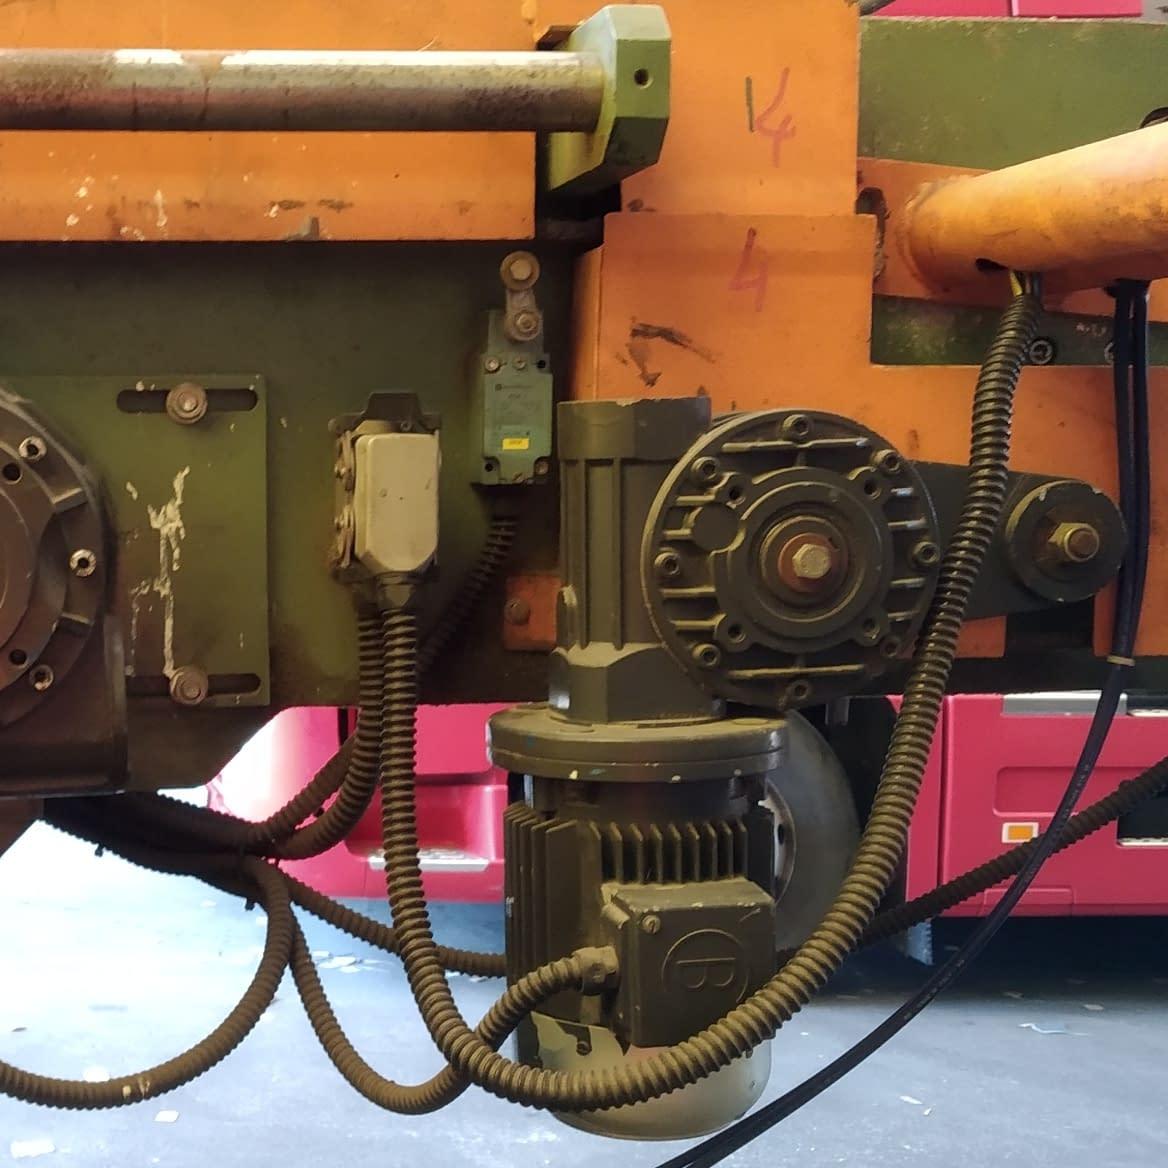 Revamping macchinari industriali 50